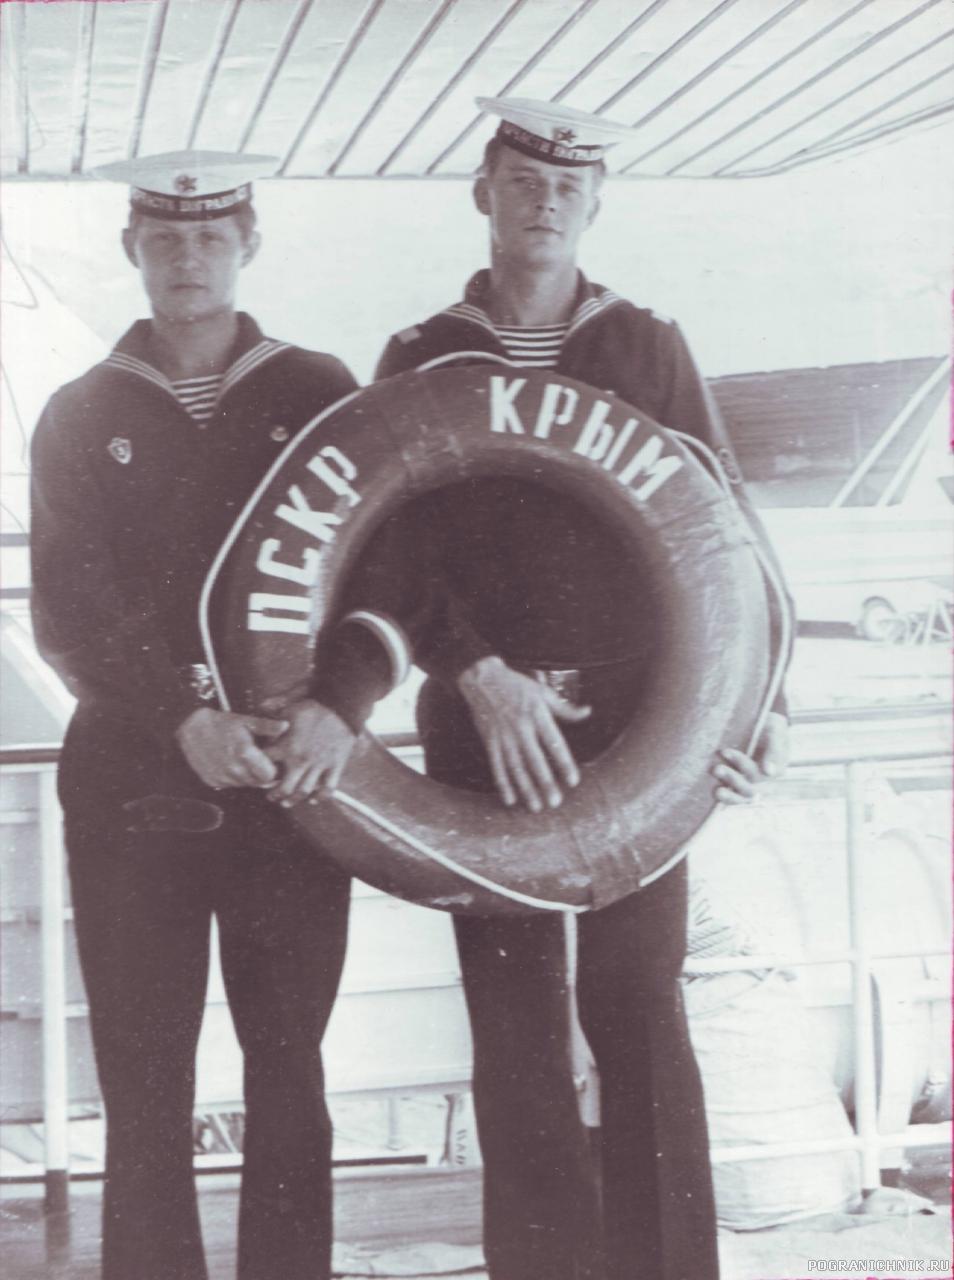 1980 г. На борту ПСКР «Крым» радиотелеграфист матрос Кульбачный Валерий и старшина КСН главный старшина Усанов Сергей.